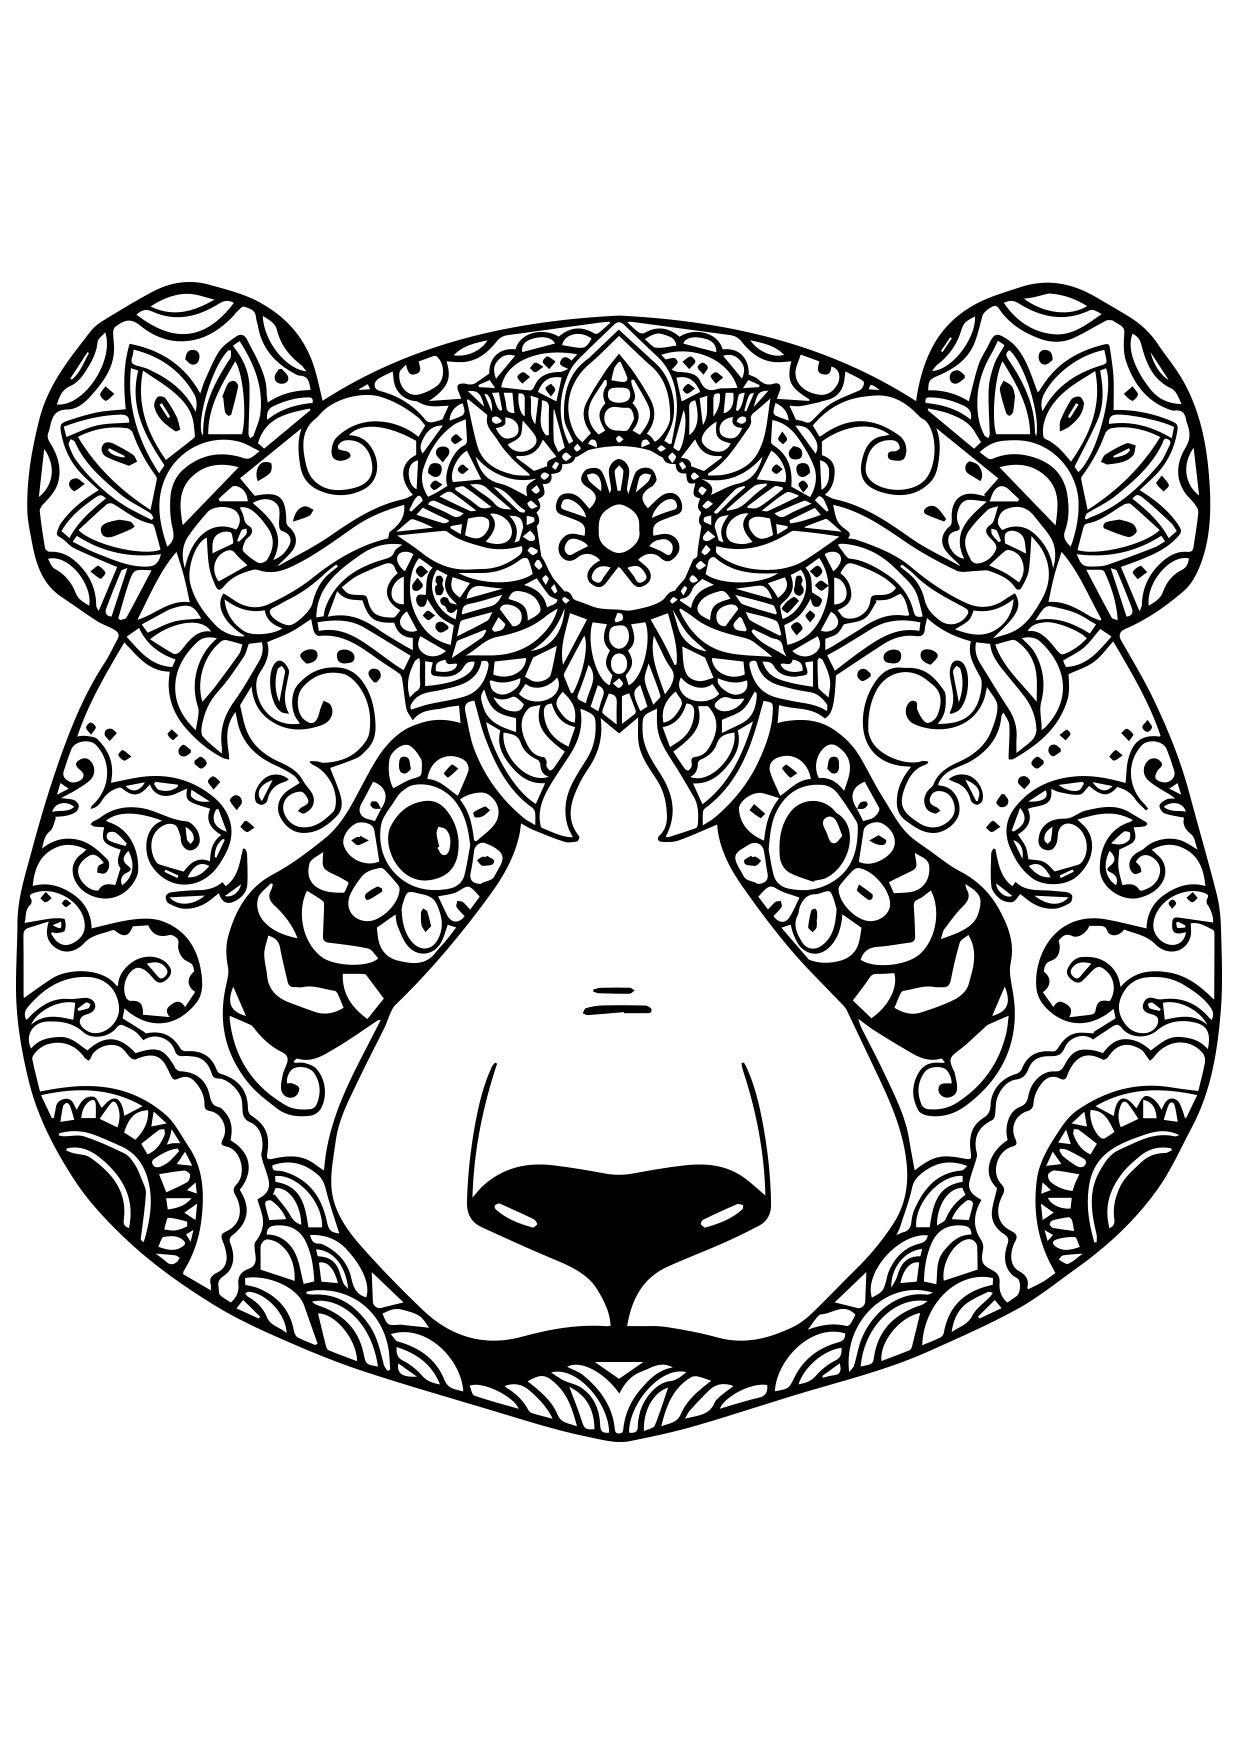 Coloriage Gratuit Imprimer Mandala.Resultat De Recherche D Images Pour Mandala Panda A Imprimer